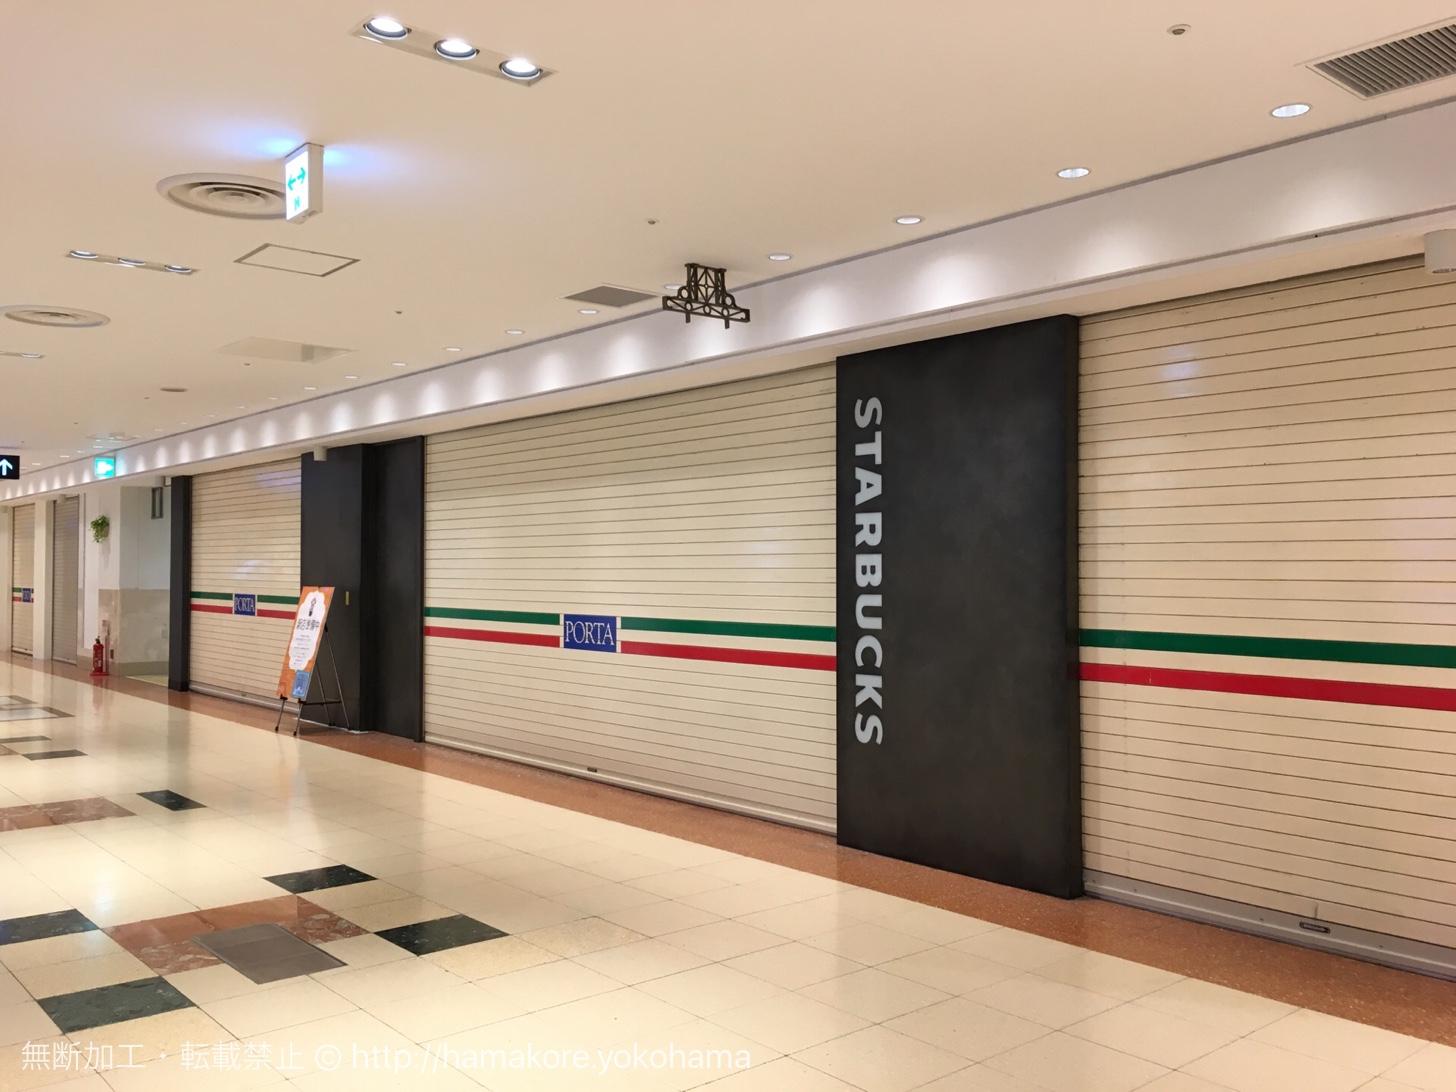 スターバックス 横浜ポルタ店